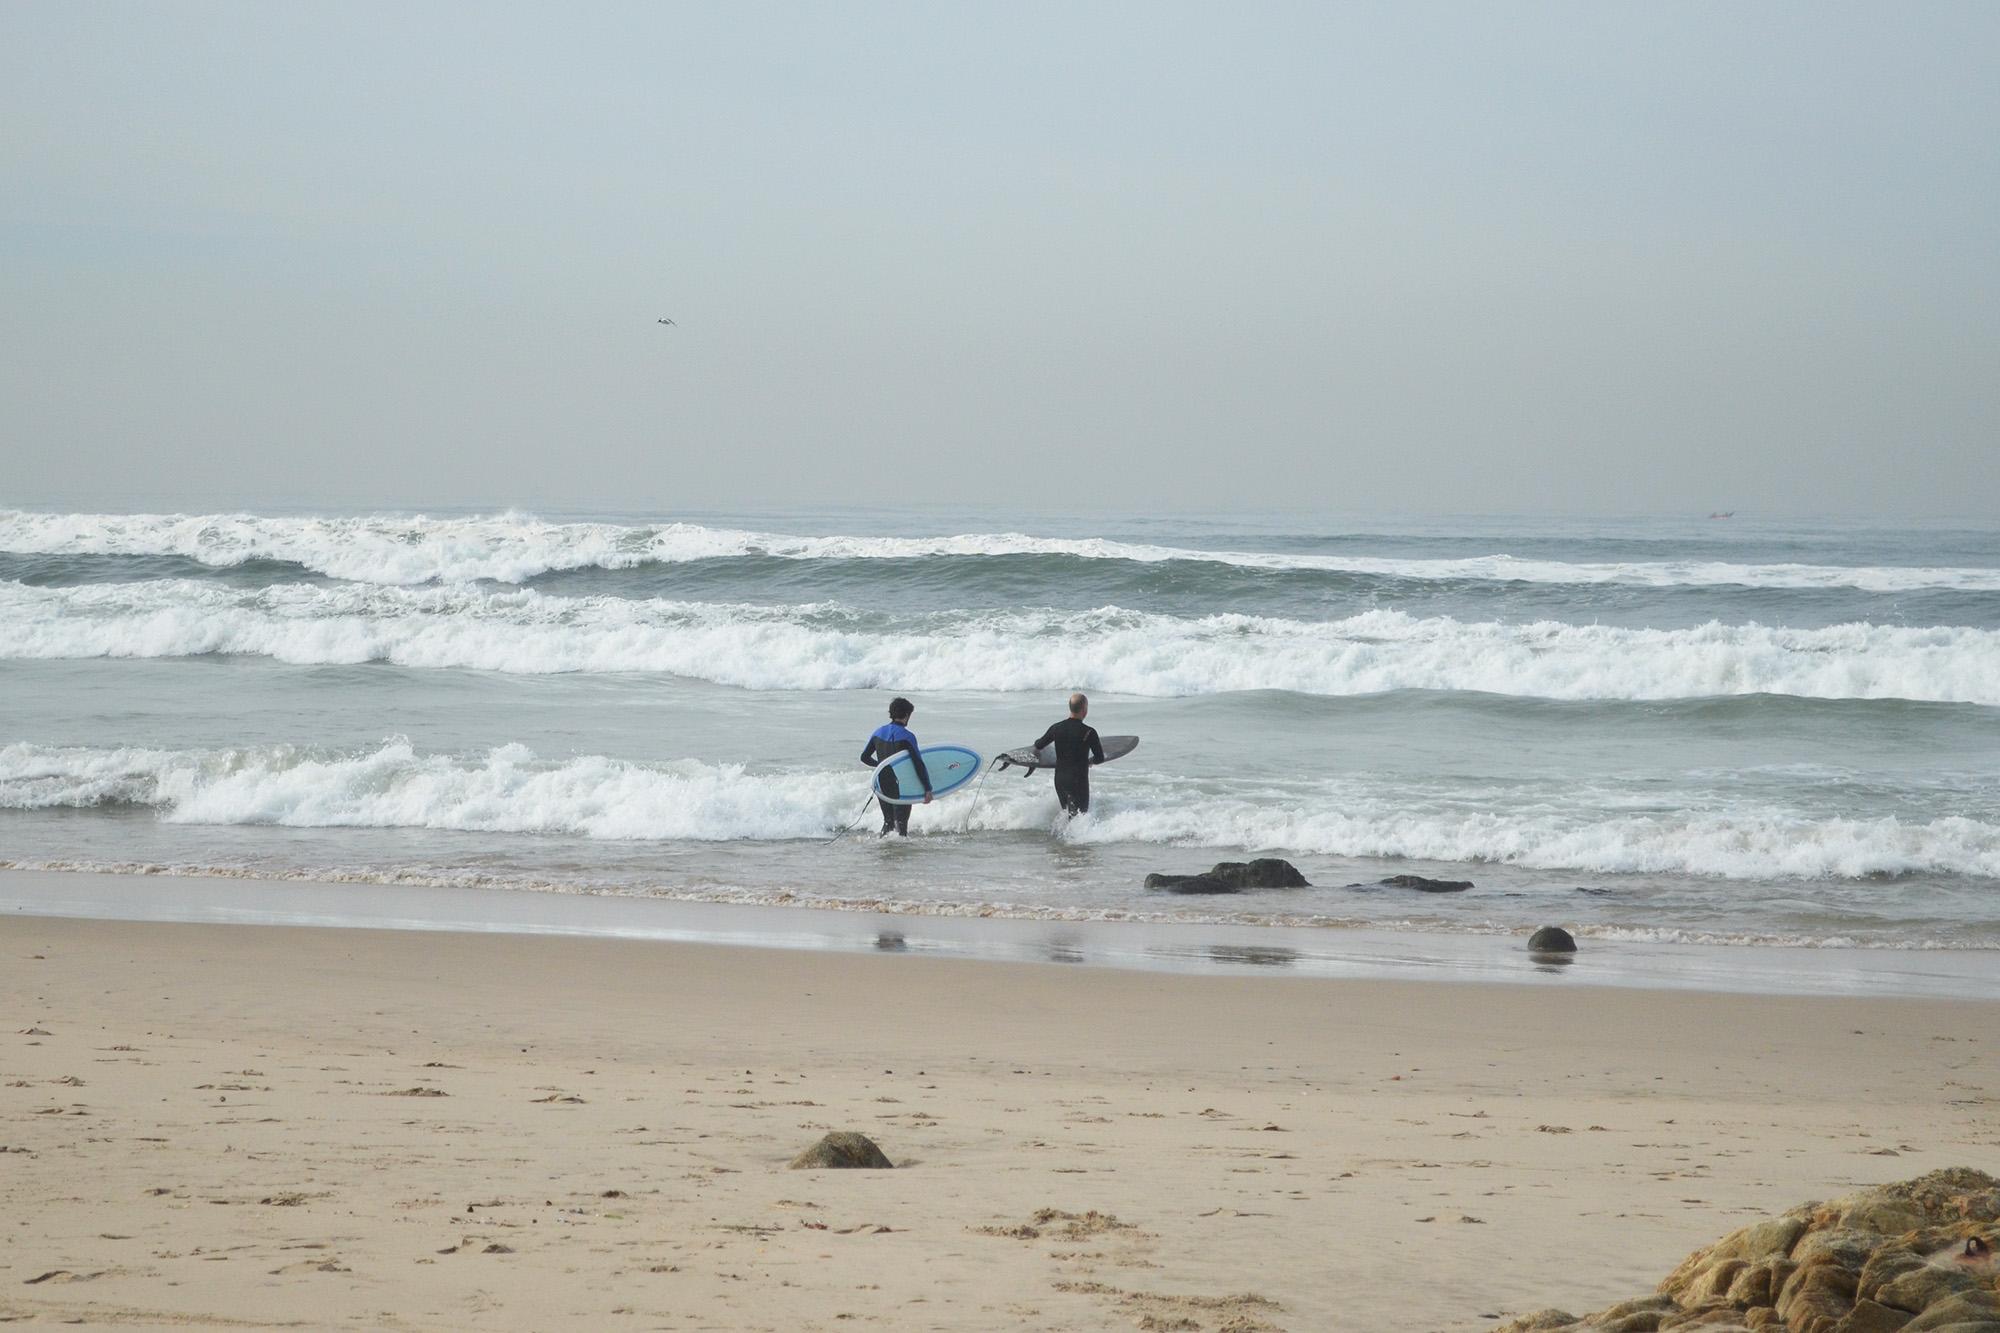 A praia de Matosinhos é uma das mais procuradas por surfistas iniciantes.